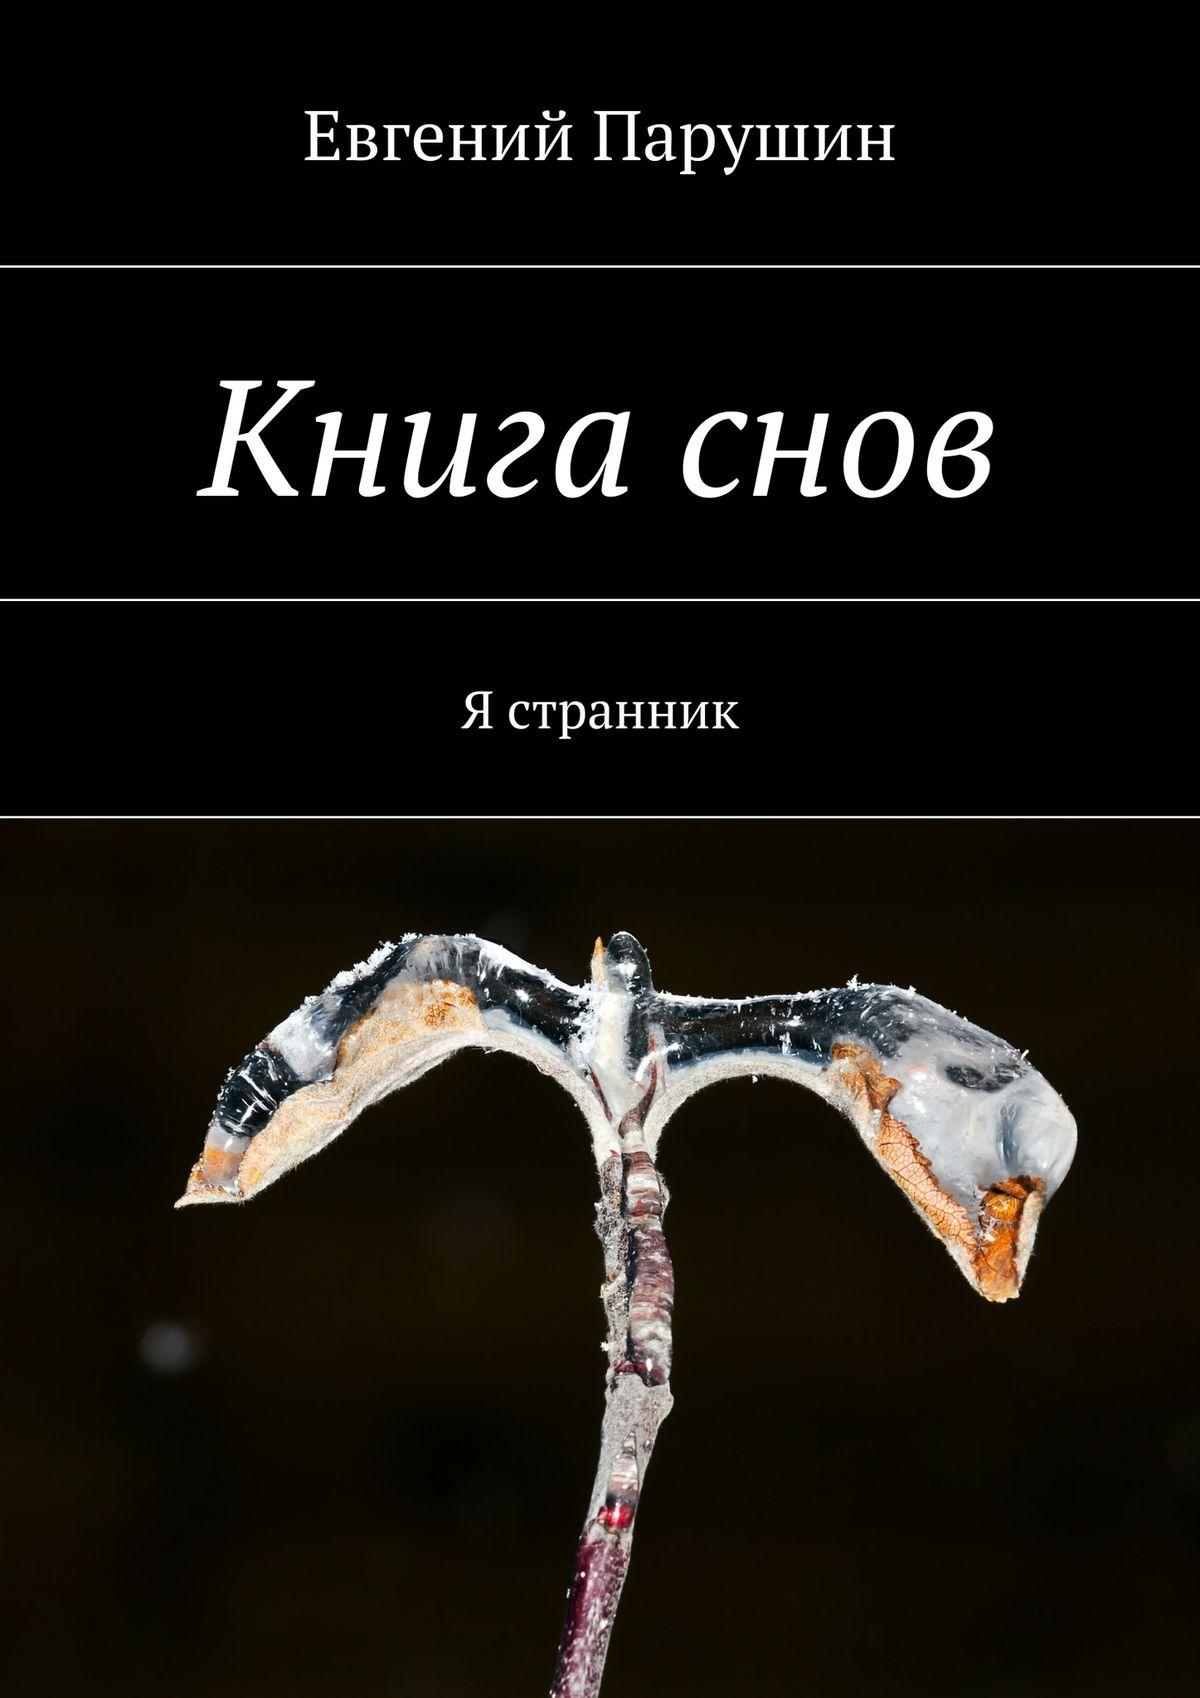 Евгений Парушин Книгаснов скачать книги по толкованию снов